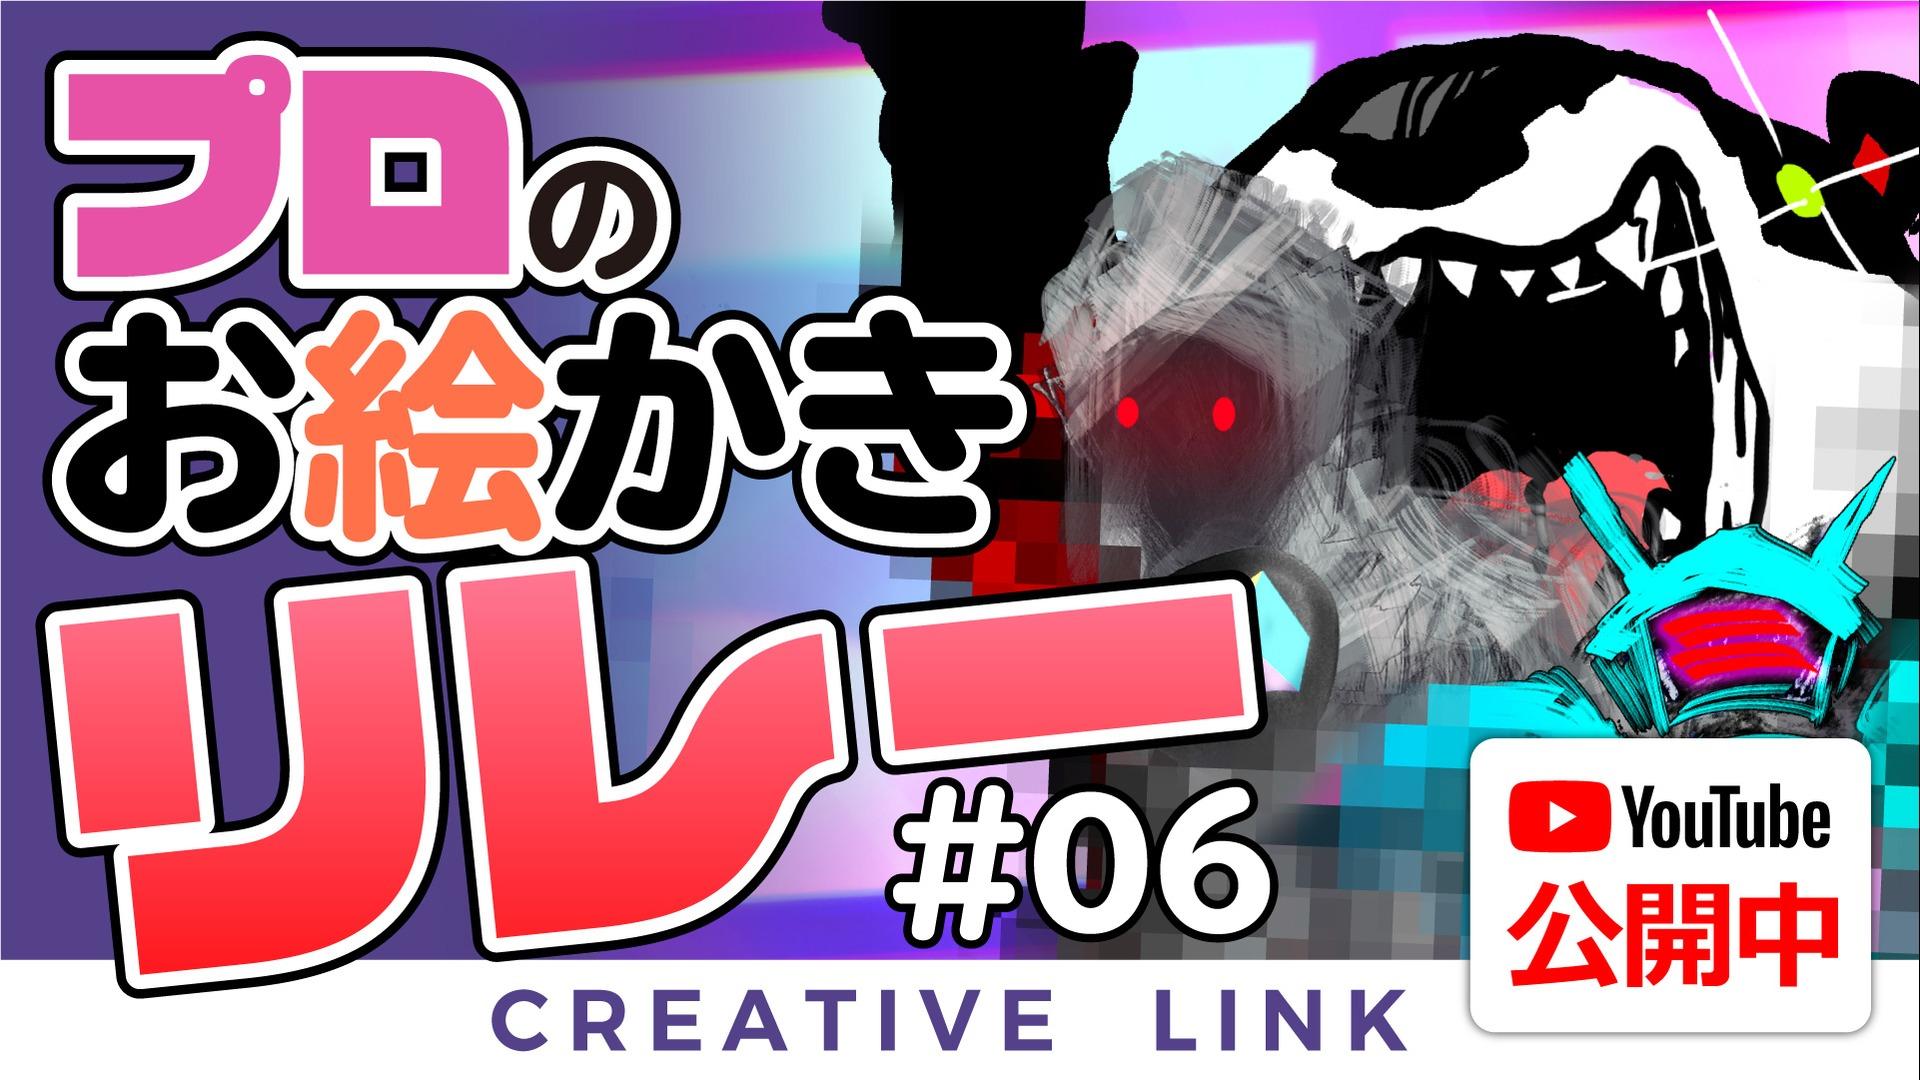 プロ絵描きあつめて神イラストつくる!【adobeアプリでお絵かきリレー】CREATIVE LINK #6